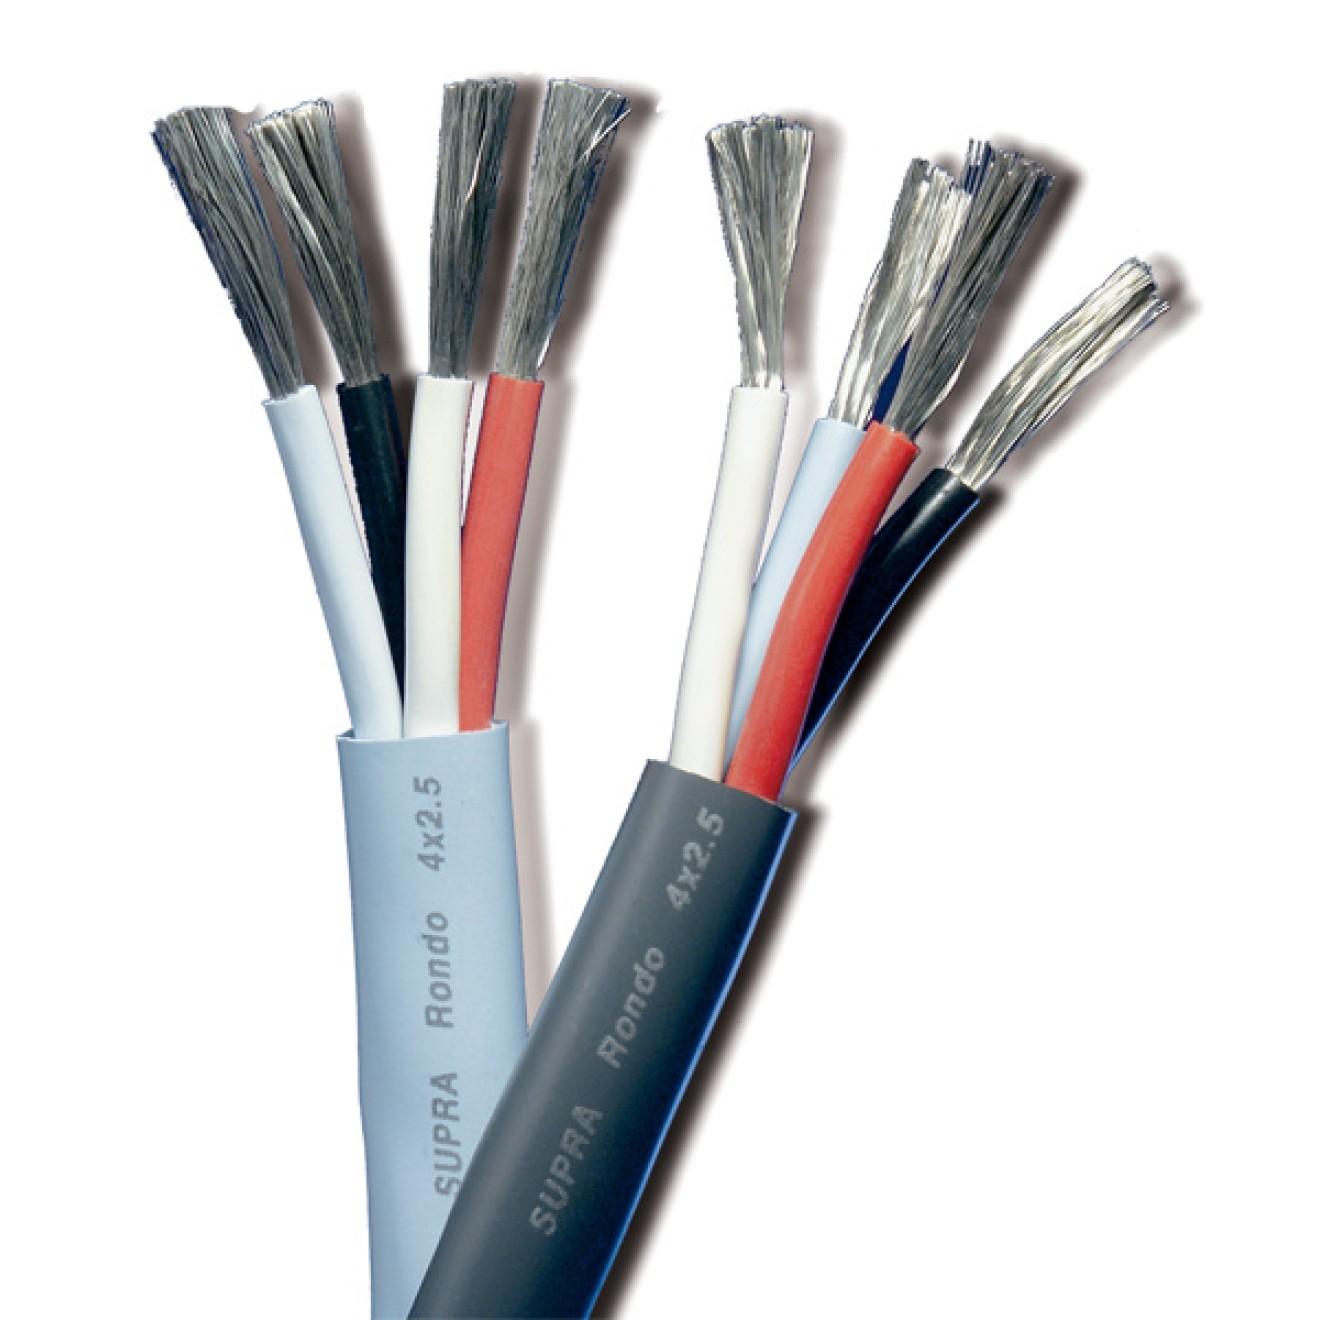 SUPRA Cables Rondo 4 x 2.5 Lautsprecherkabel, Meterware, Highend ...